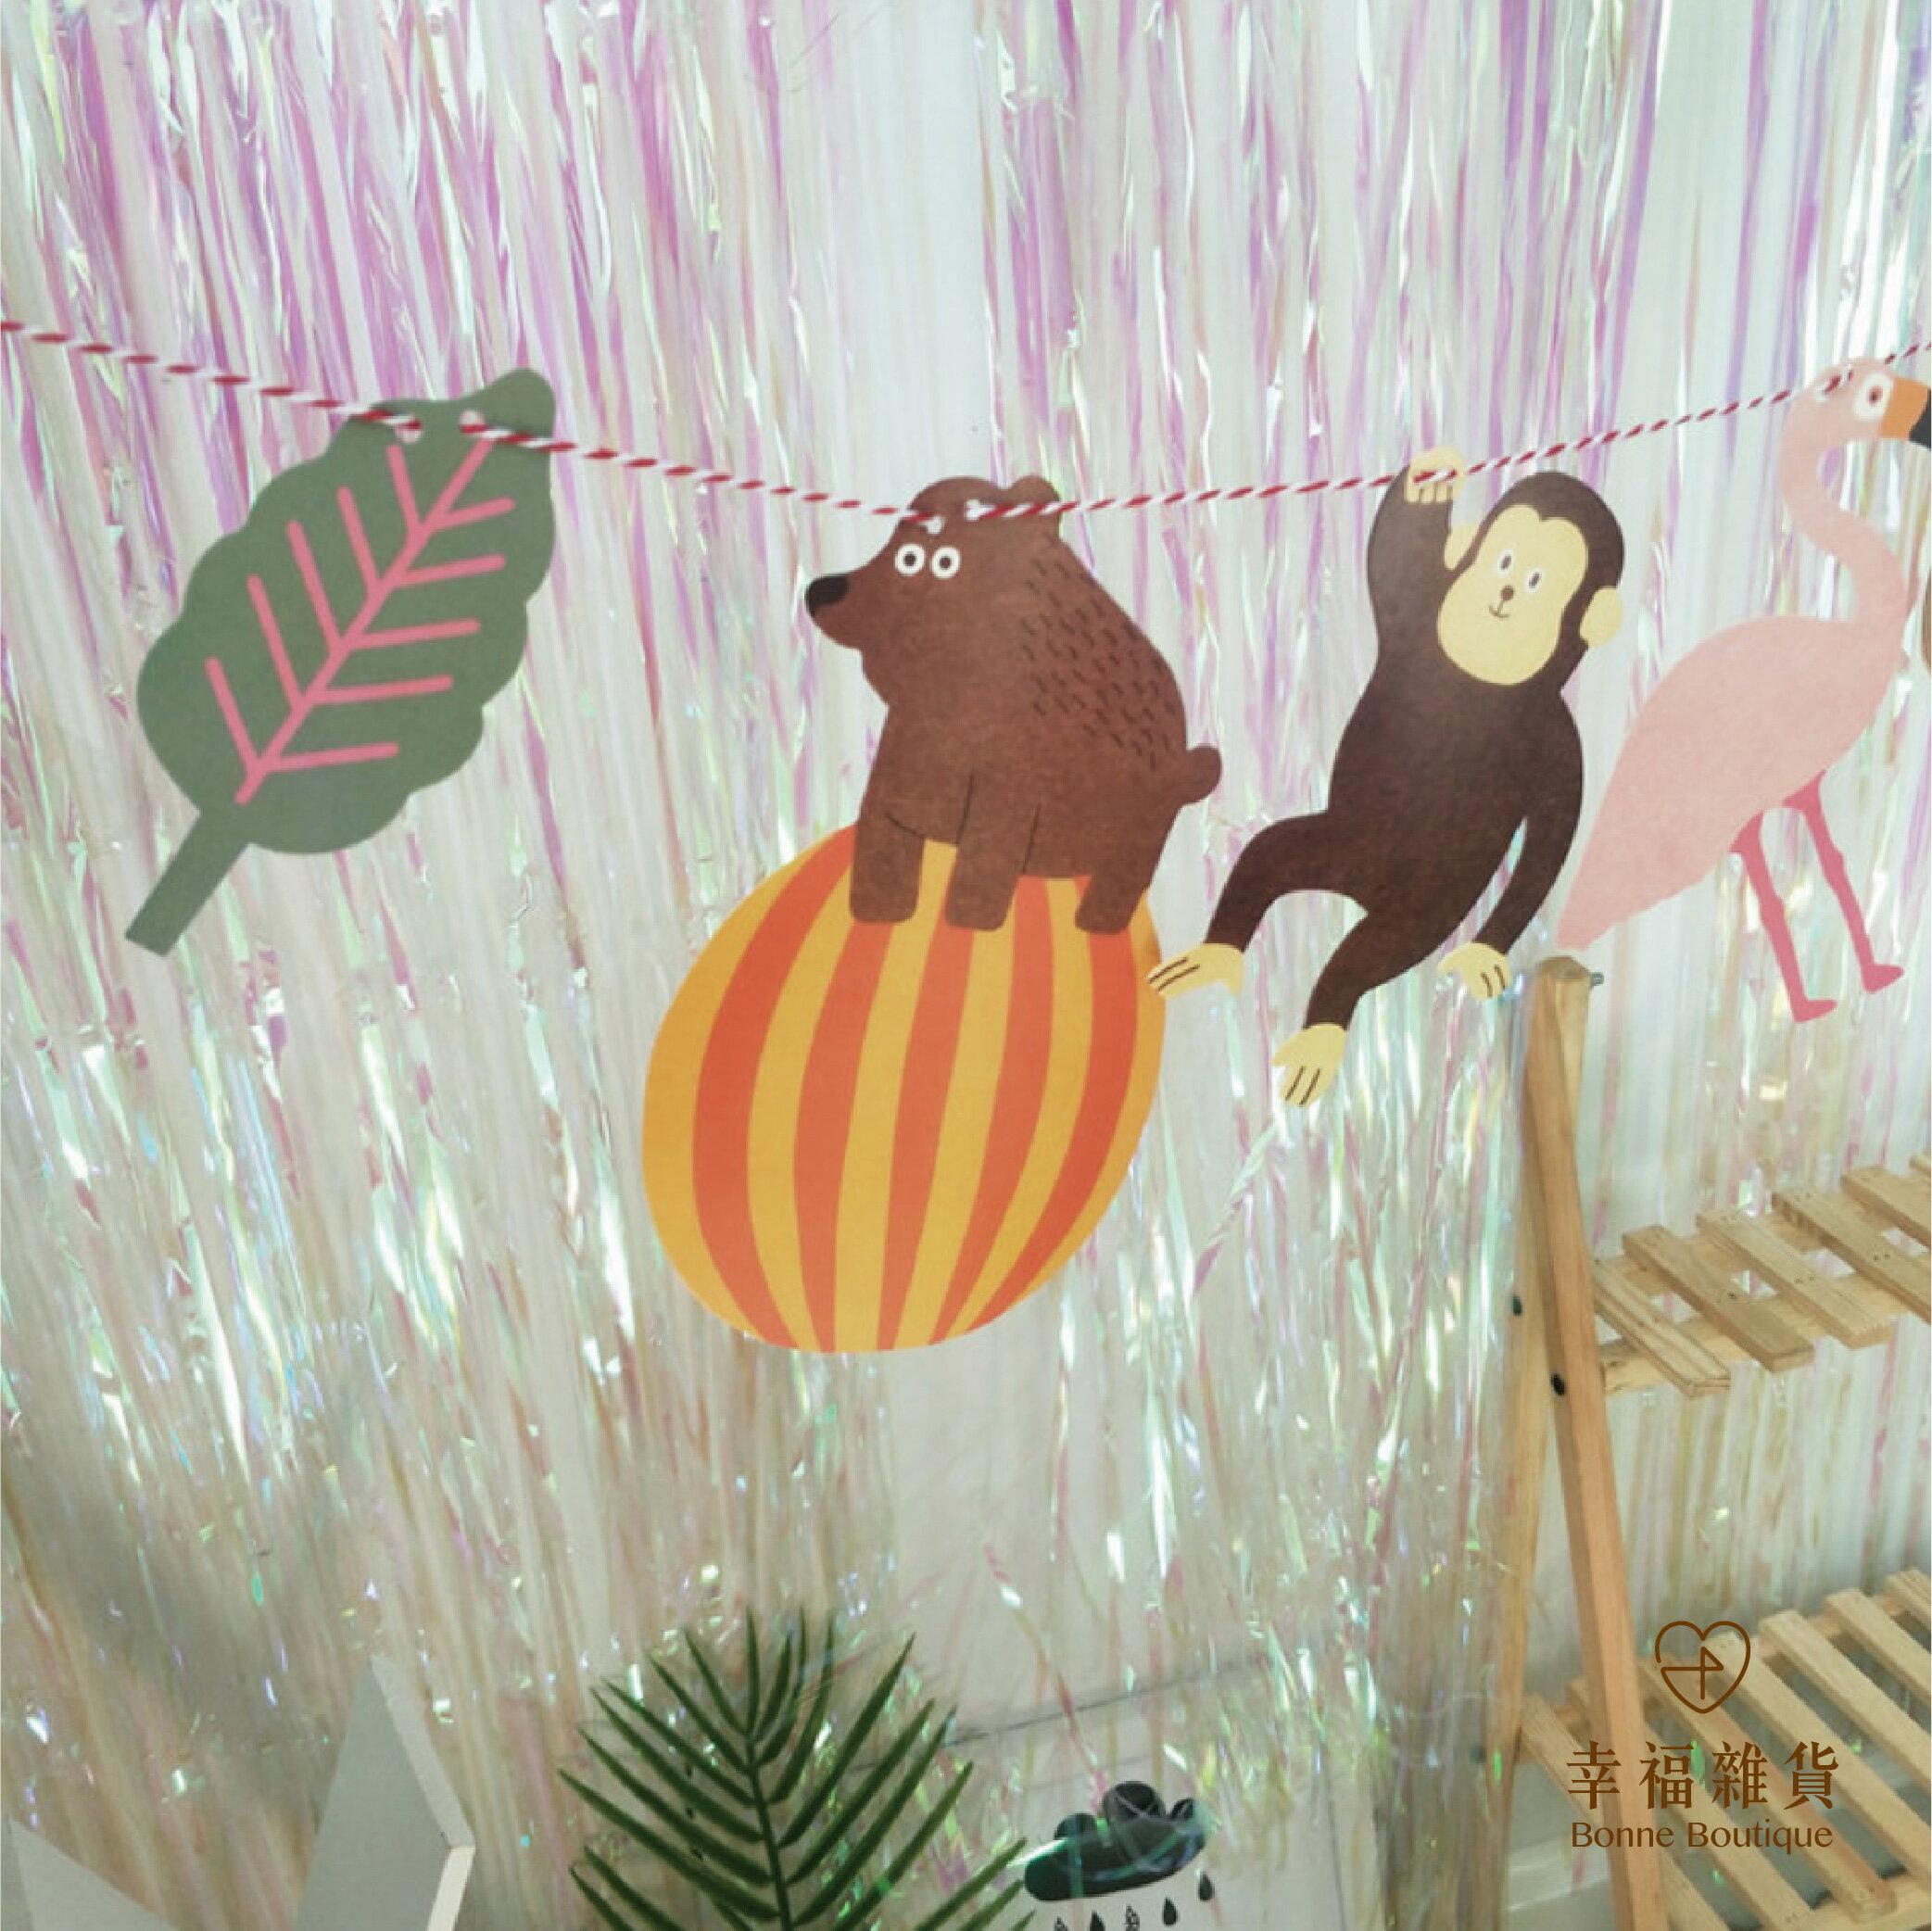 熱帶雨林動物串旗 小朋友慶生活動 派對串旗 節慶聚會用品 房間佈置 宿舍裝飾 同樂會裝飾【Bonne Boutique幸福雜貨】 2